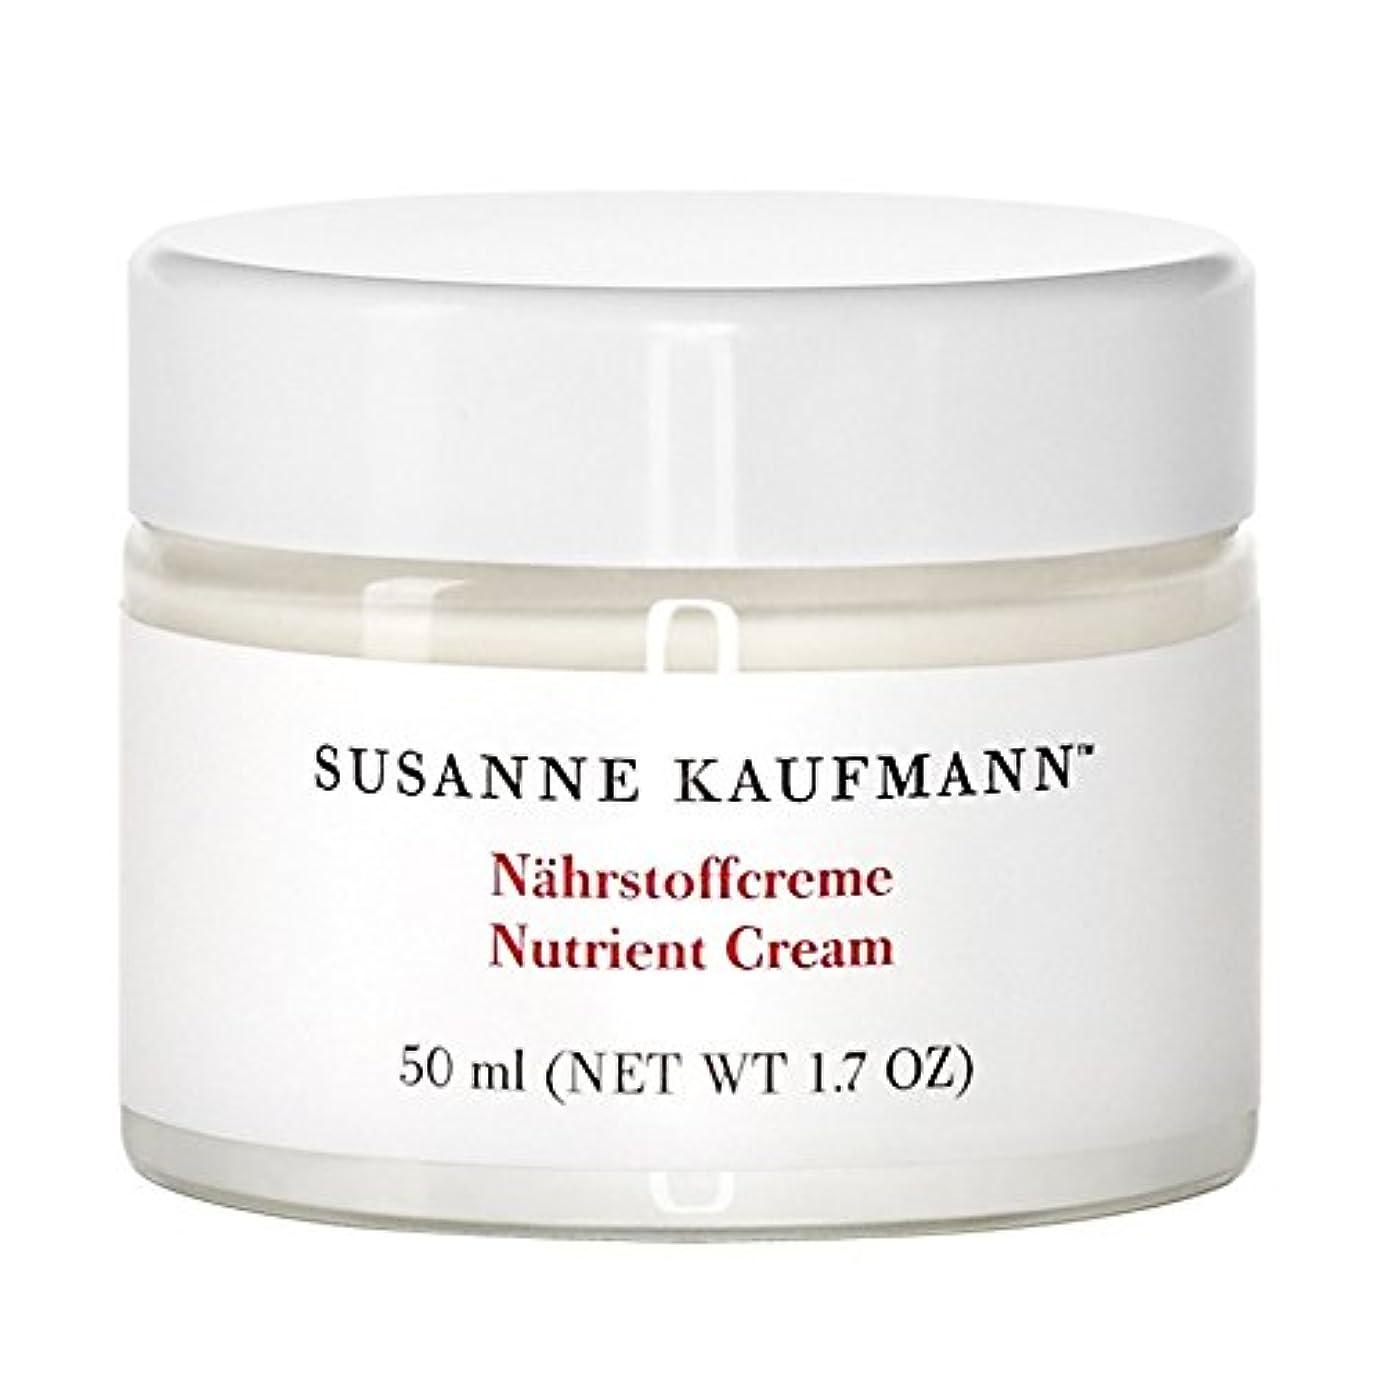 崩壊ベジタリアン霊Susanne Kaufmann Nutrient Cream 50ml - スザンヌカウフマン栄養クリーム50 [並行輸入品]